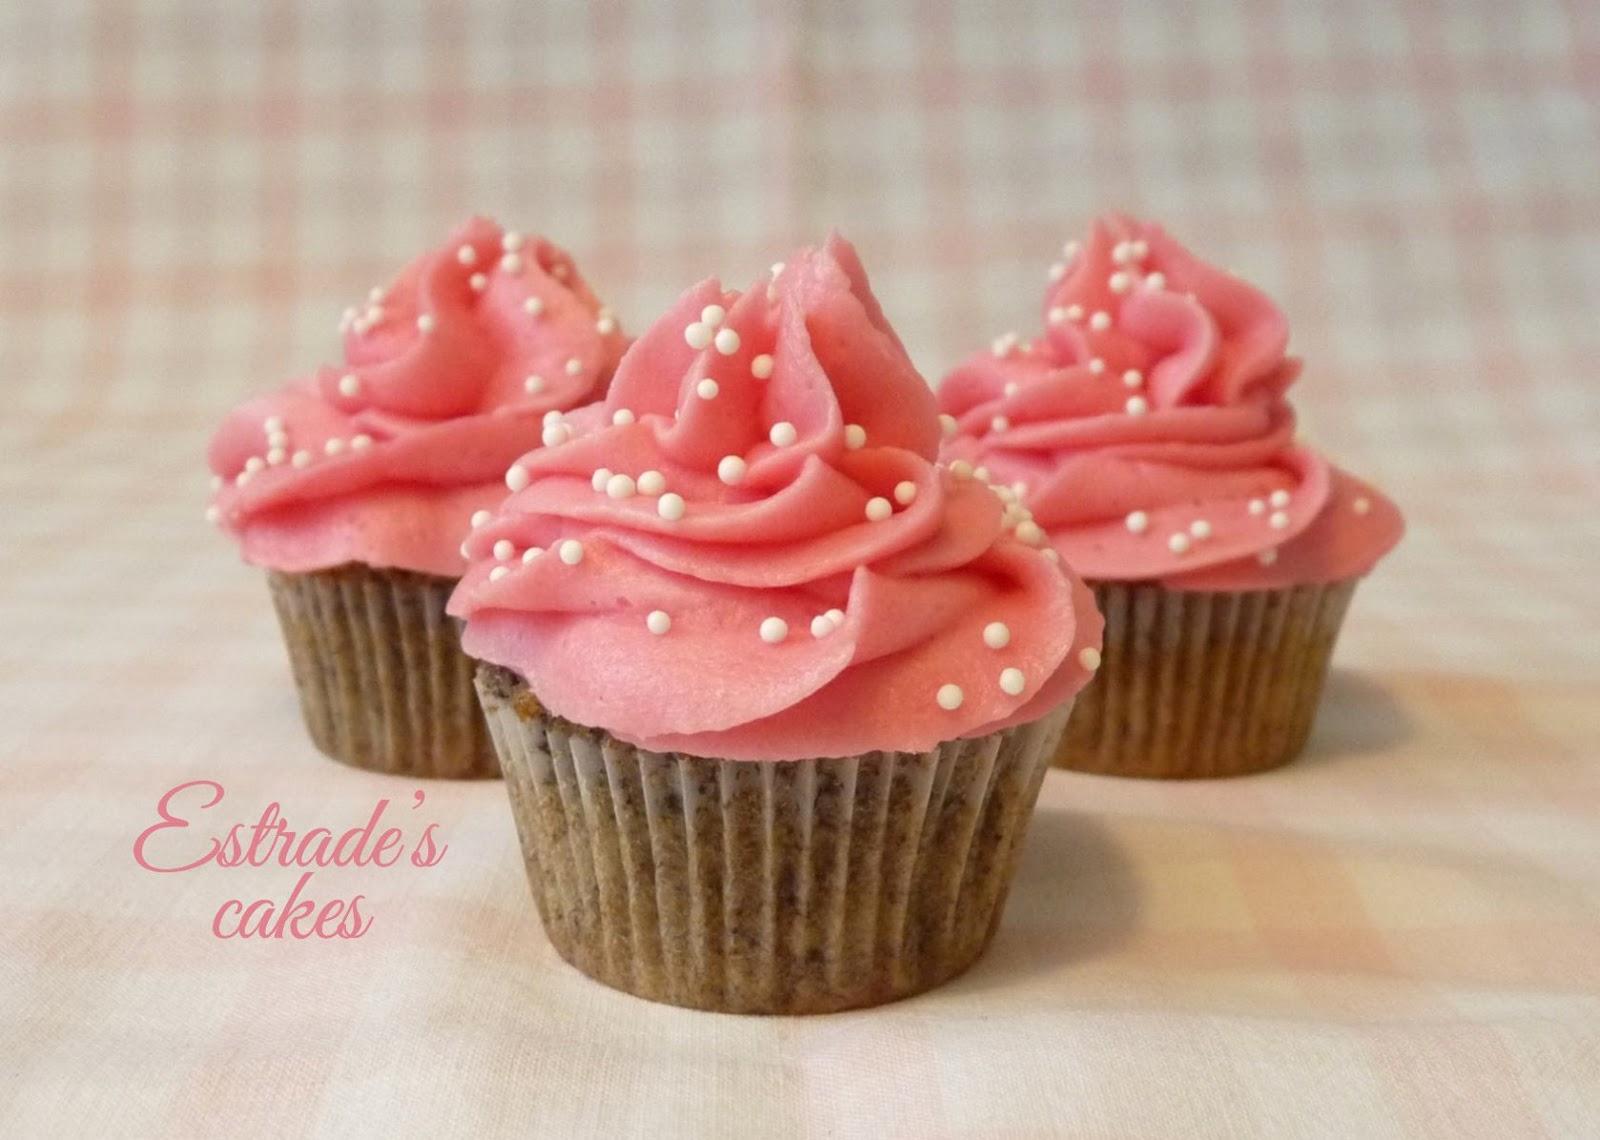 receta de cupcakes de oreo - 4